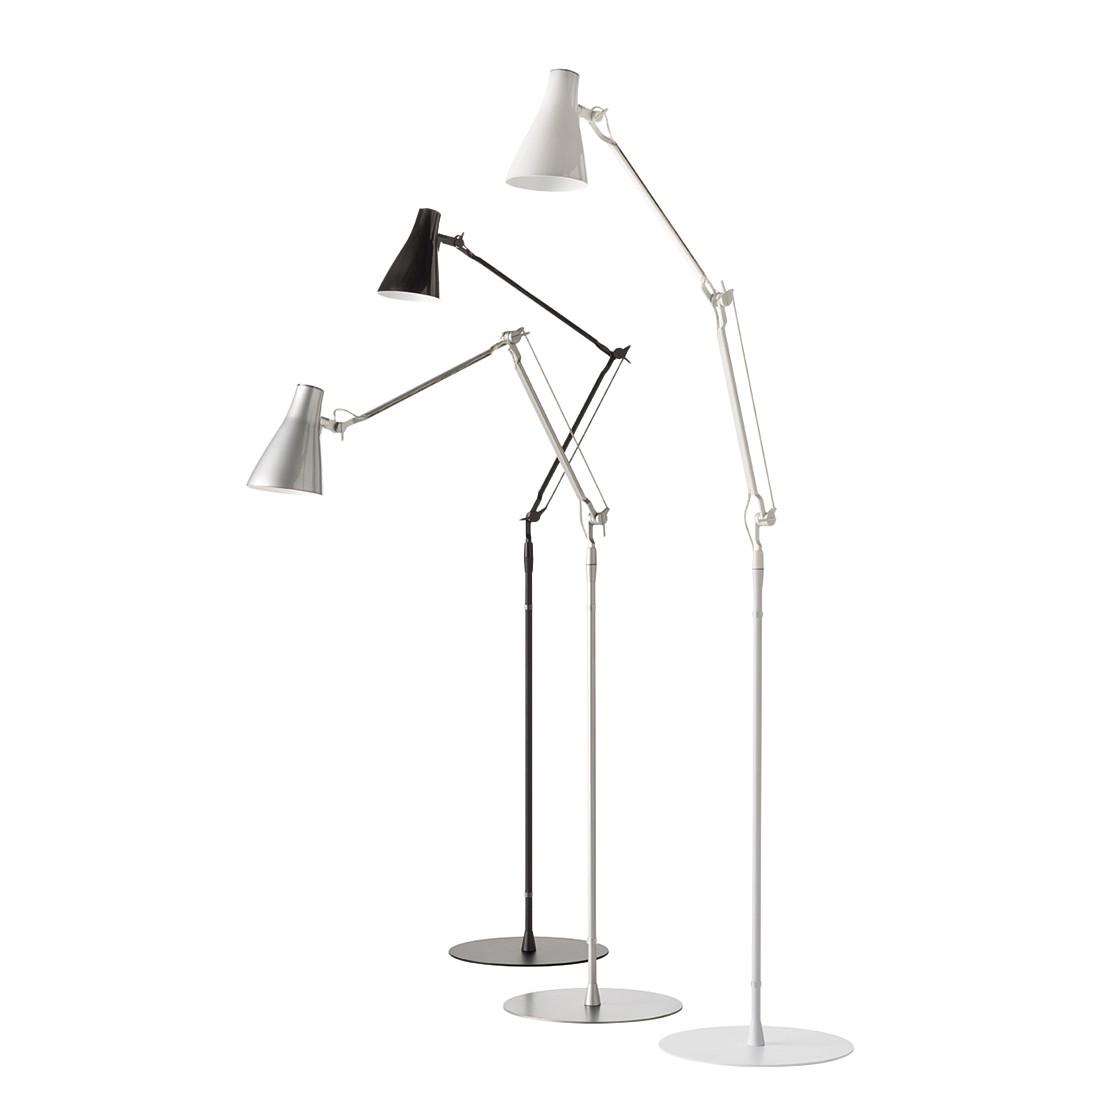 Stehleuchte Solus 2 ● Metall/Kunststoff ● Weiß ● 1-flammig- Blanke Design A